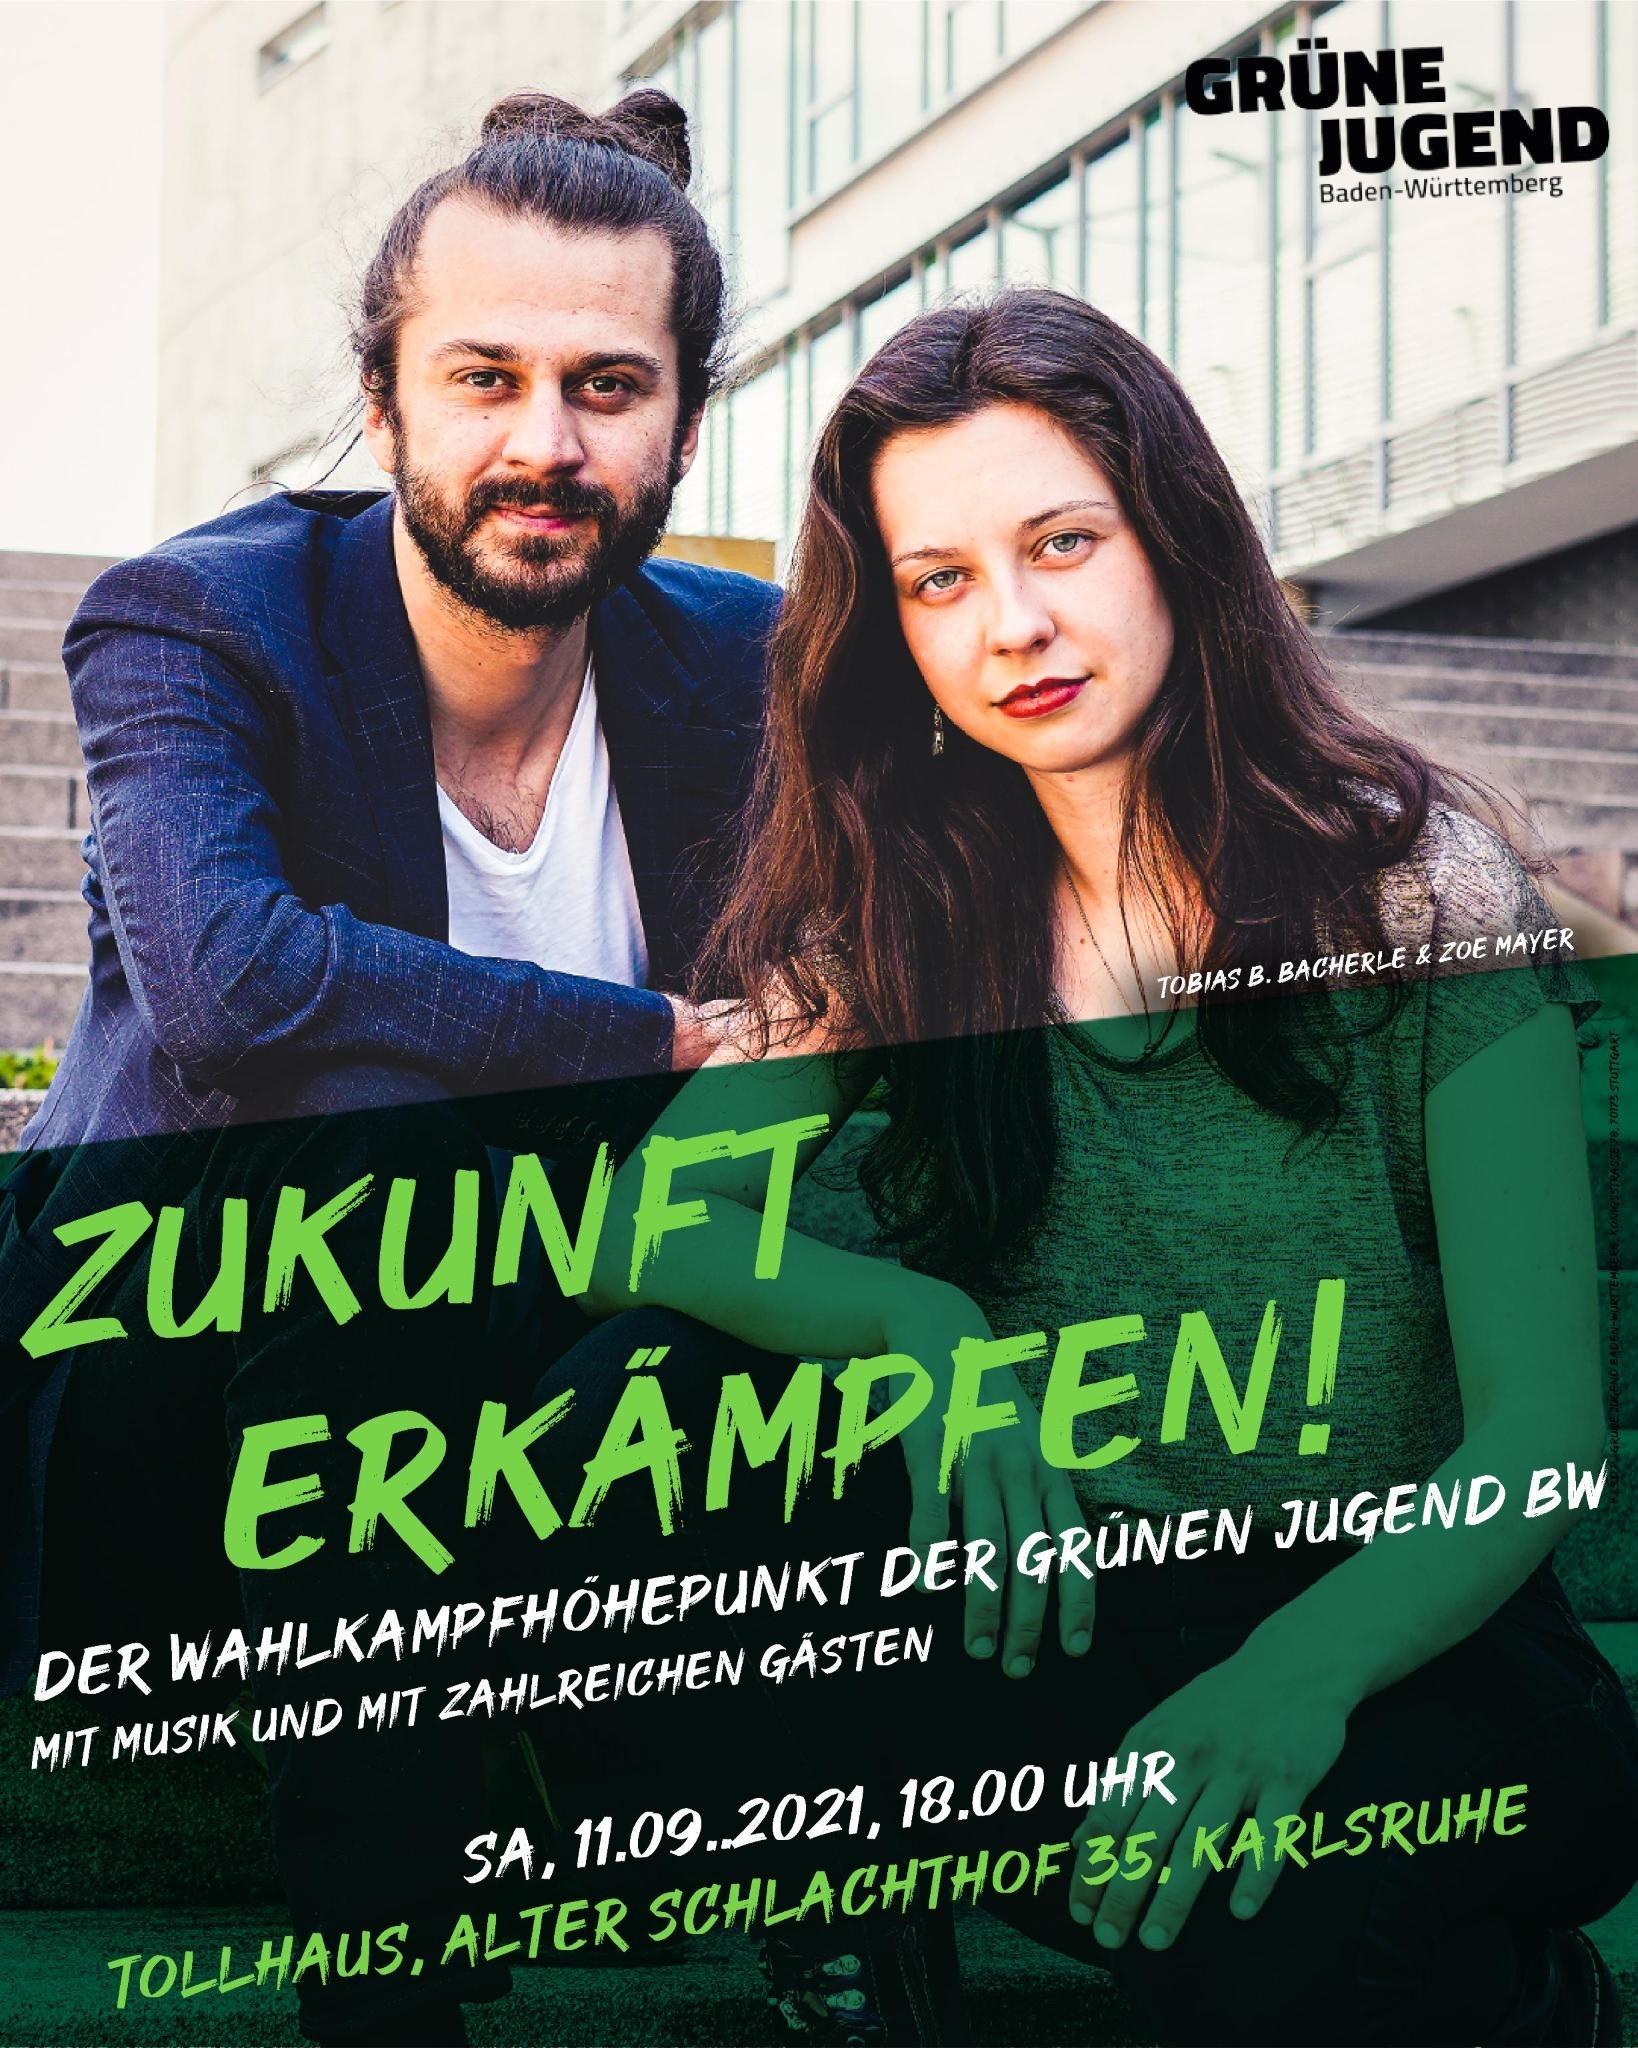 Wahlkampfhöhepunkt der Grünen Jugend BW